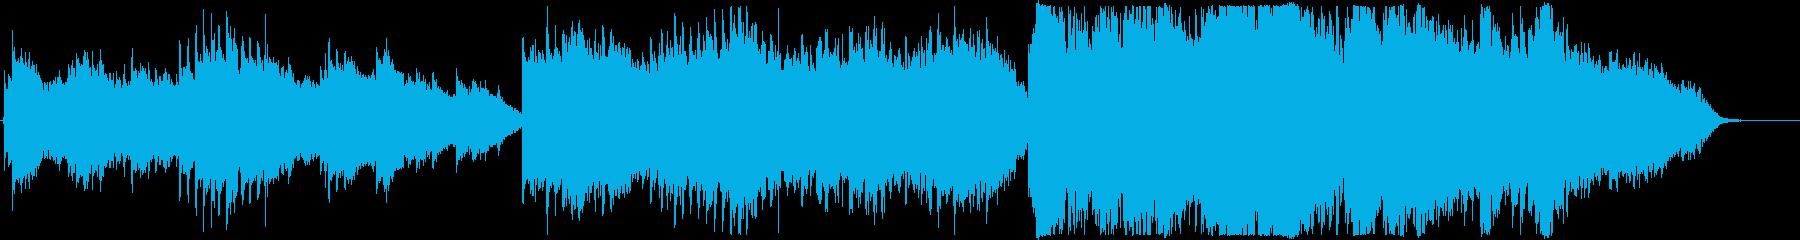 感動的で壮大なメロディーの再生済みの波形